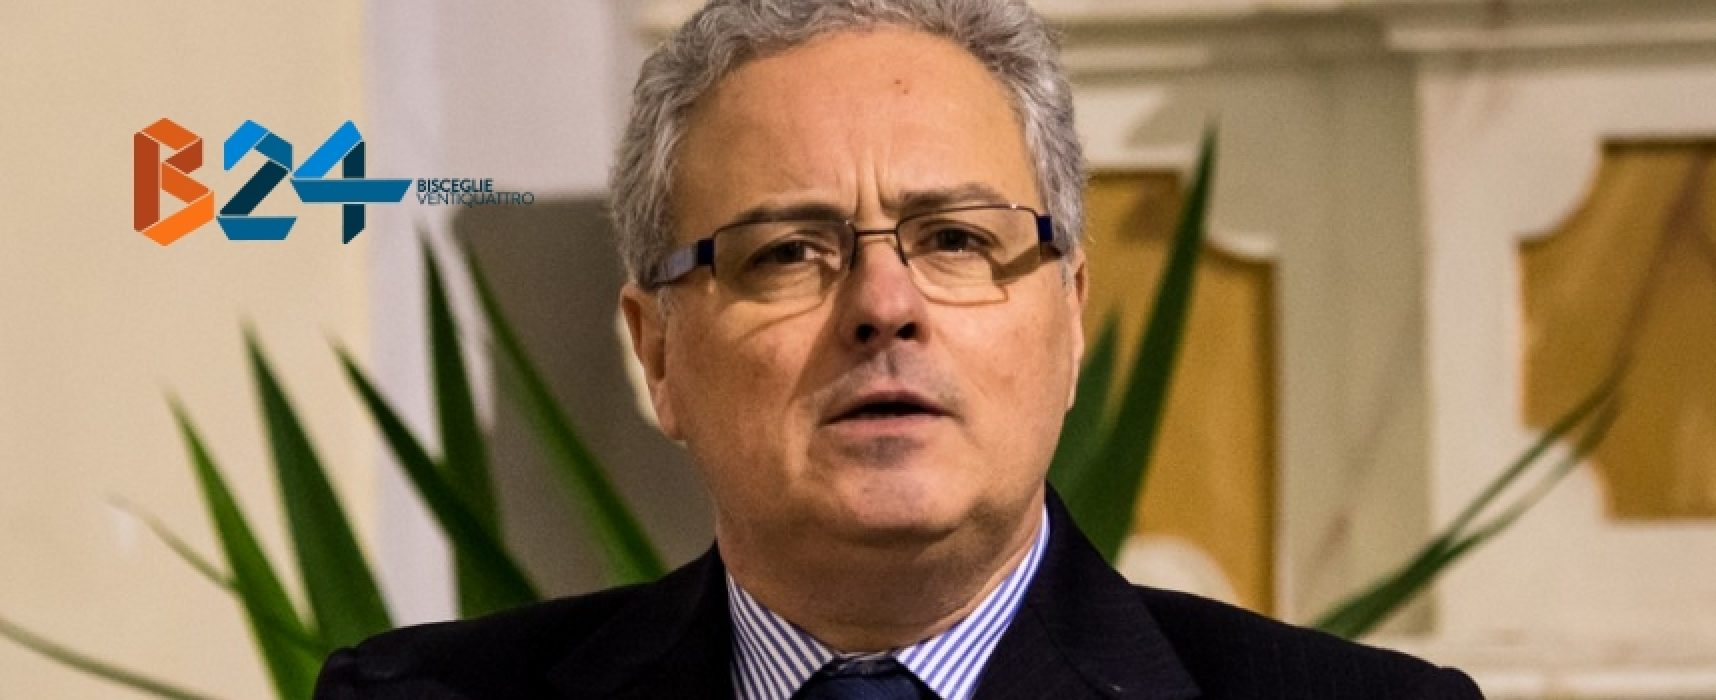 """Rifiuti e igiene urbana, Napoletano: """"Situazione insostenibile"""""""